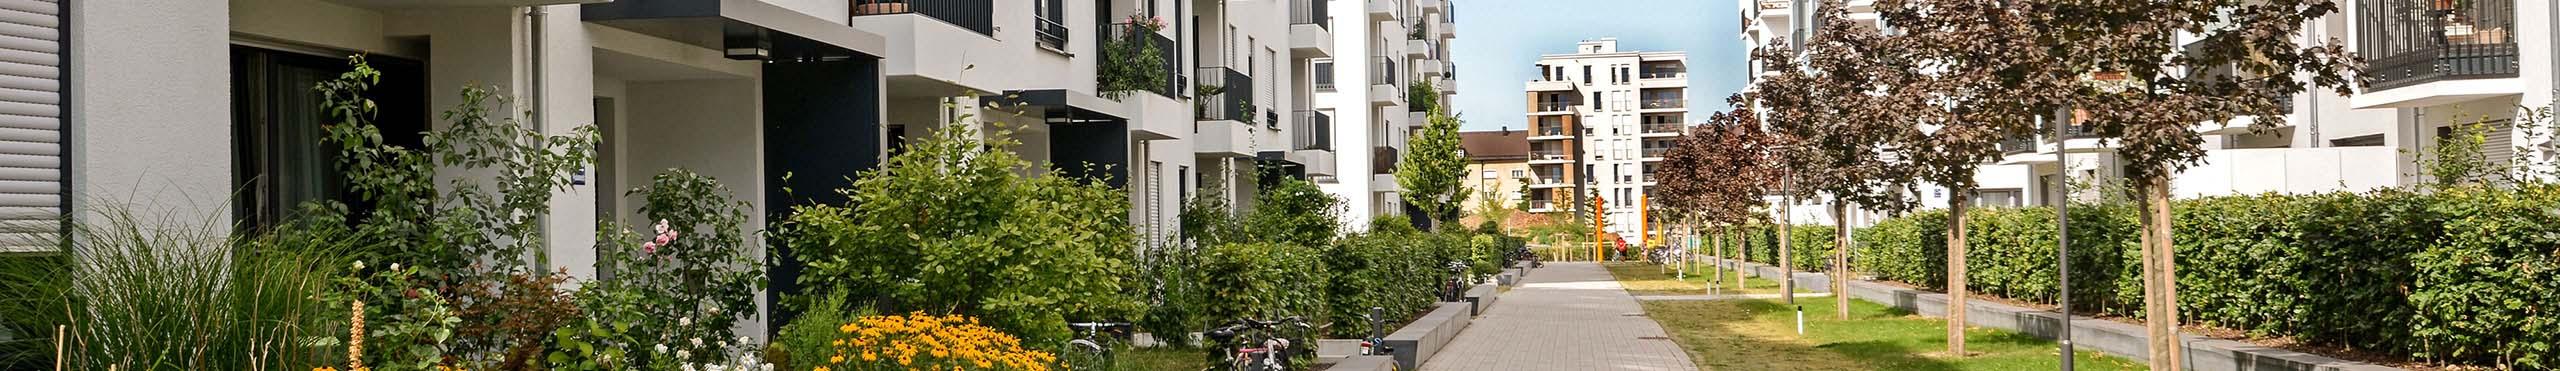 Non-résidents : la résidence étudiante, c'est aussi un bon plan !